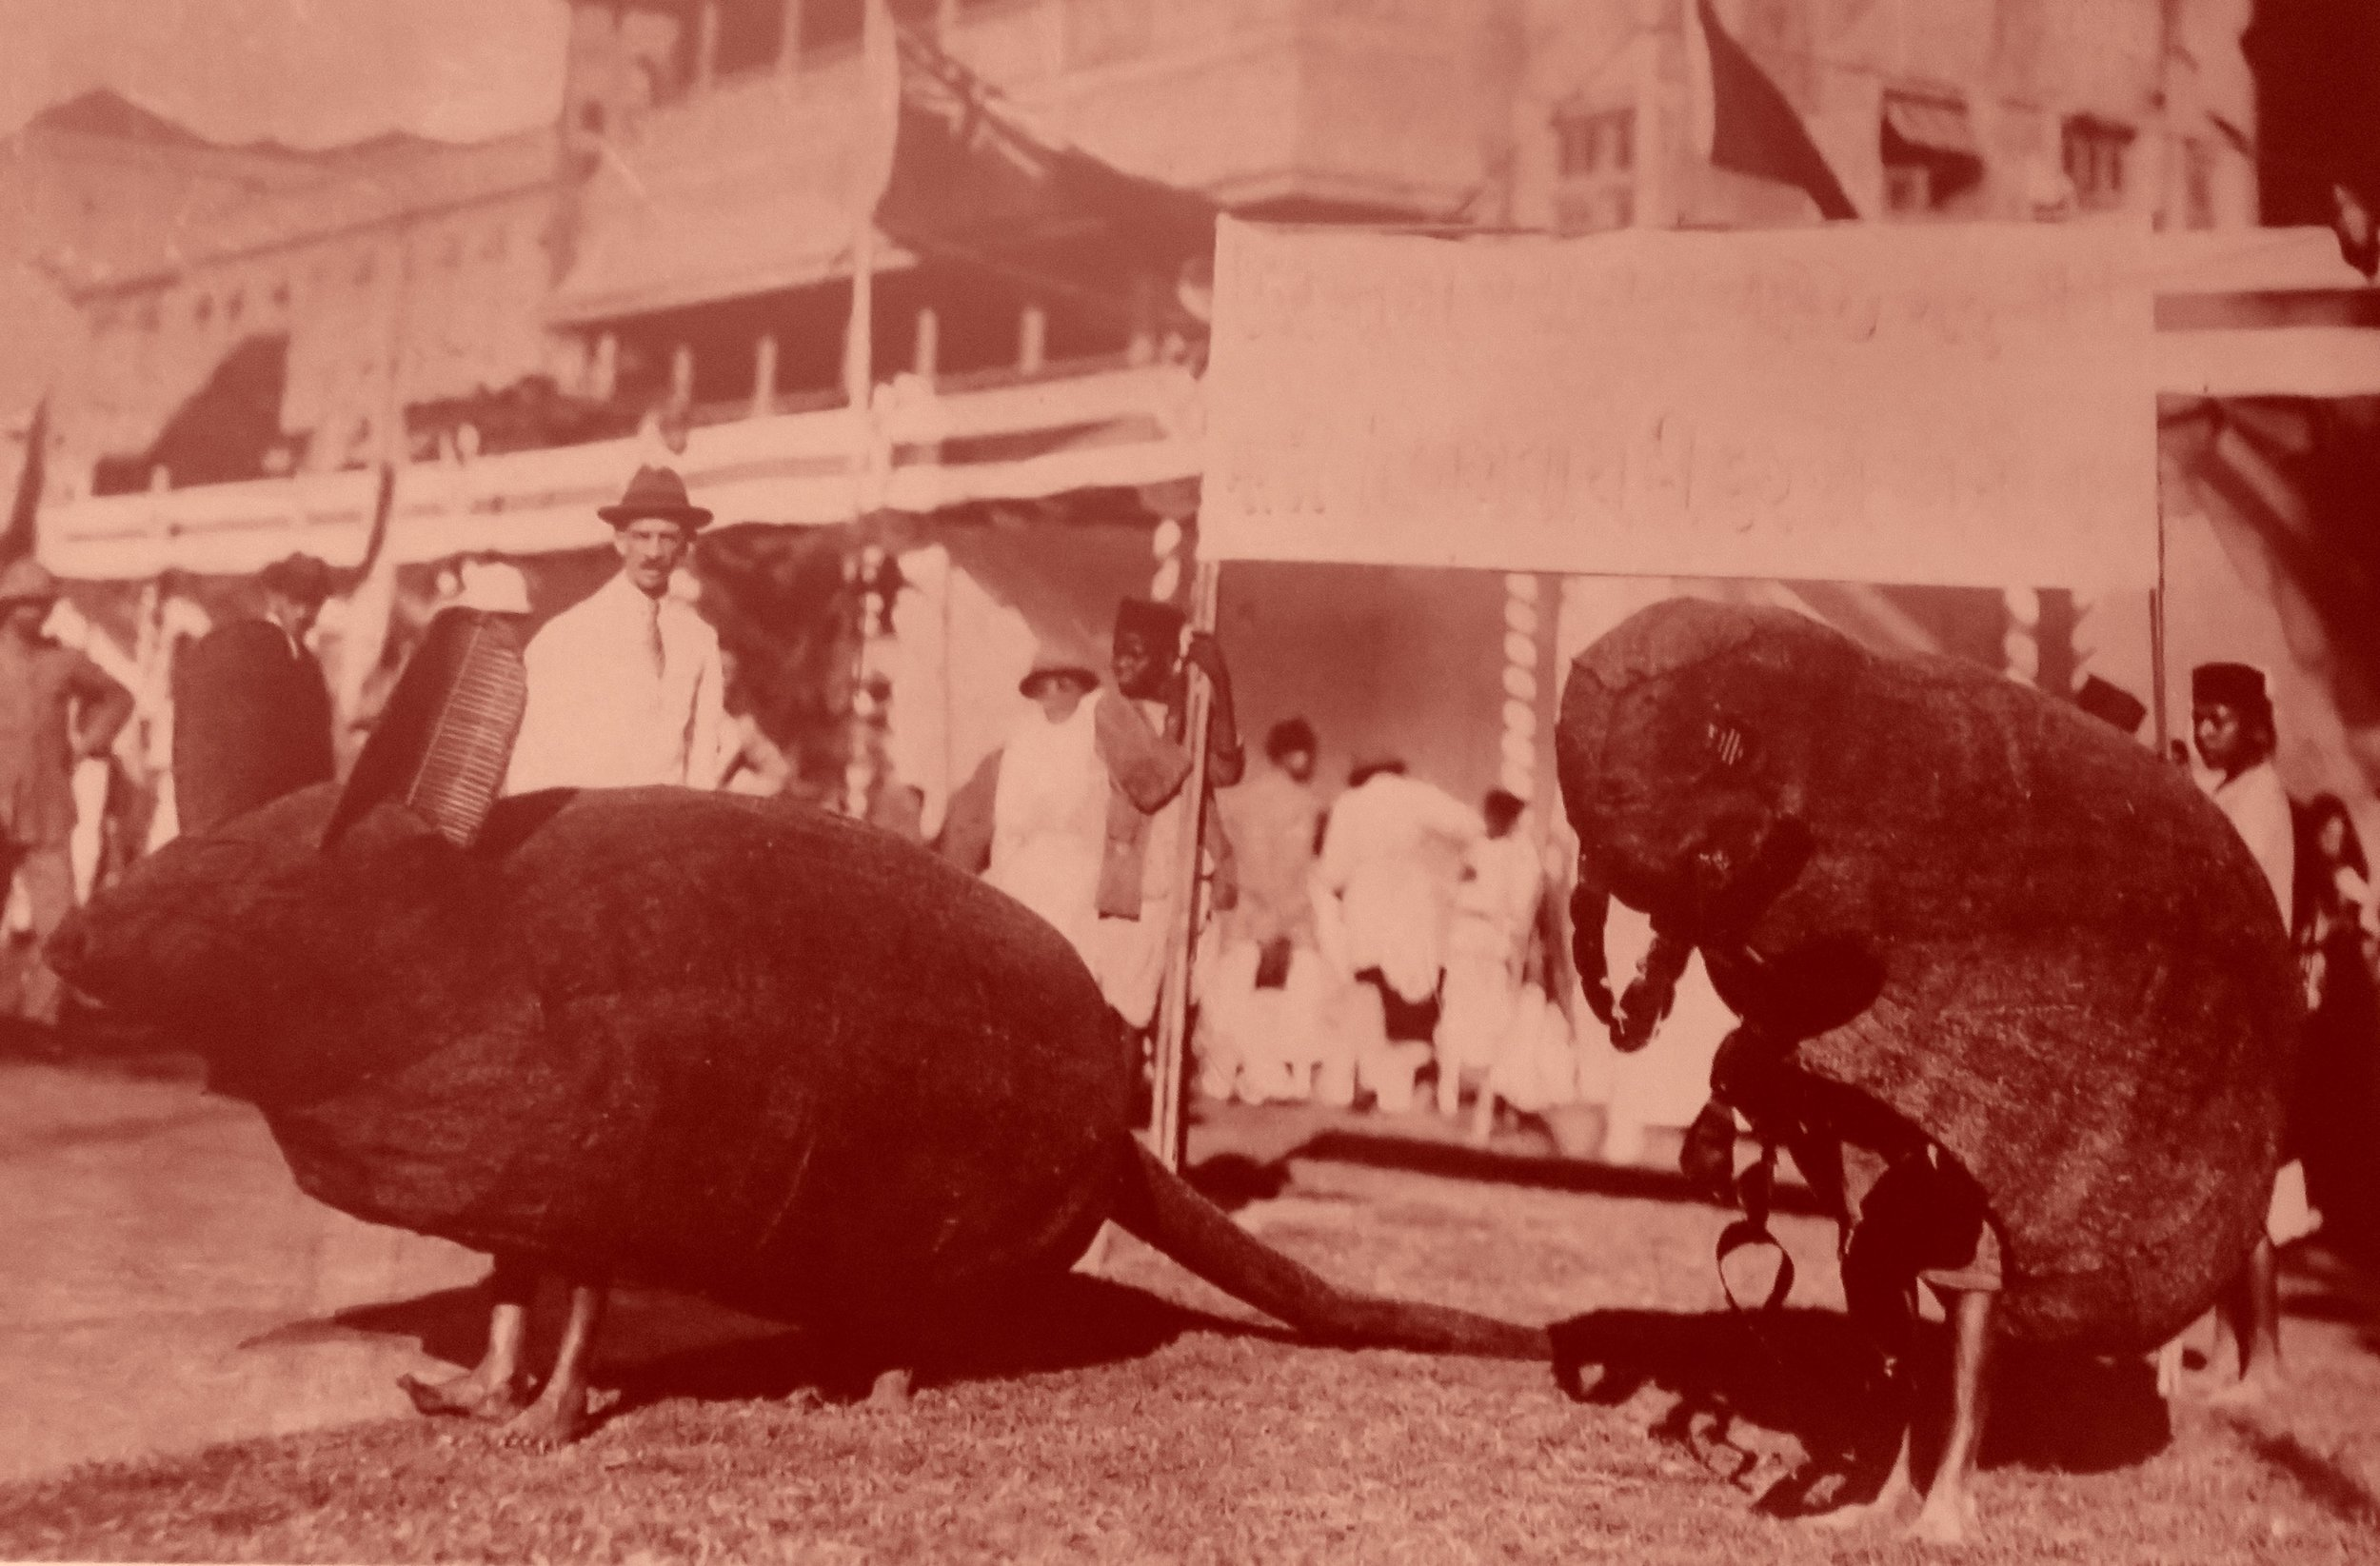 En Inde, vaste épidémie dans les années 1920 : environ 12 millions de morts, et toute une pédagogie organisée pour montrer le rôle des rats et des puces.